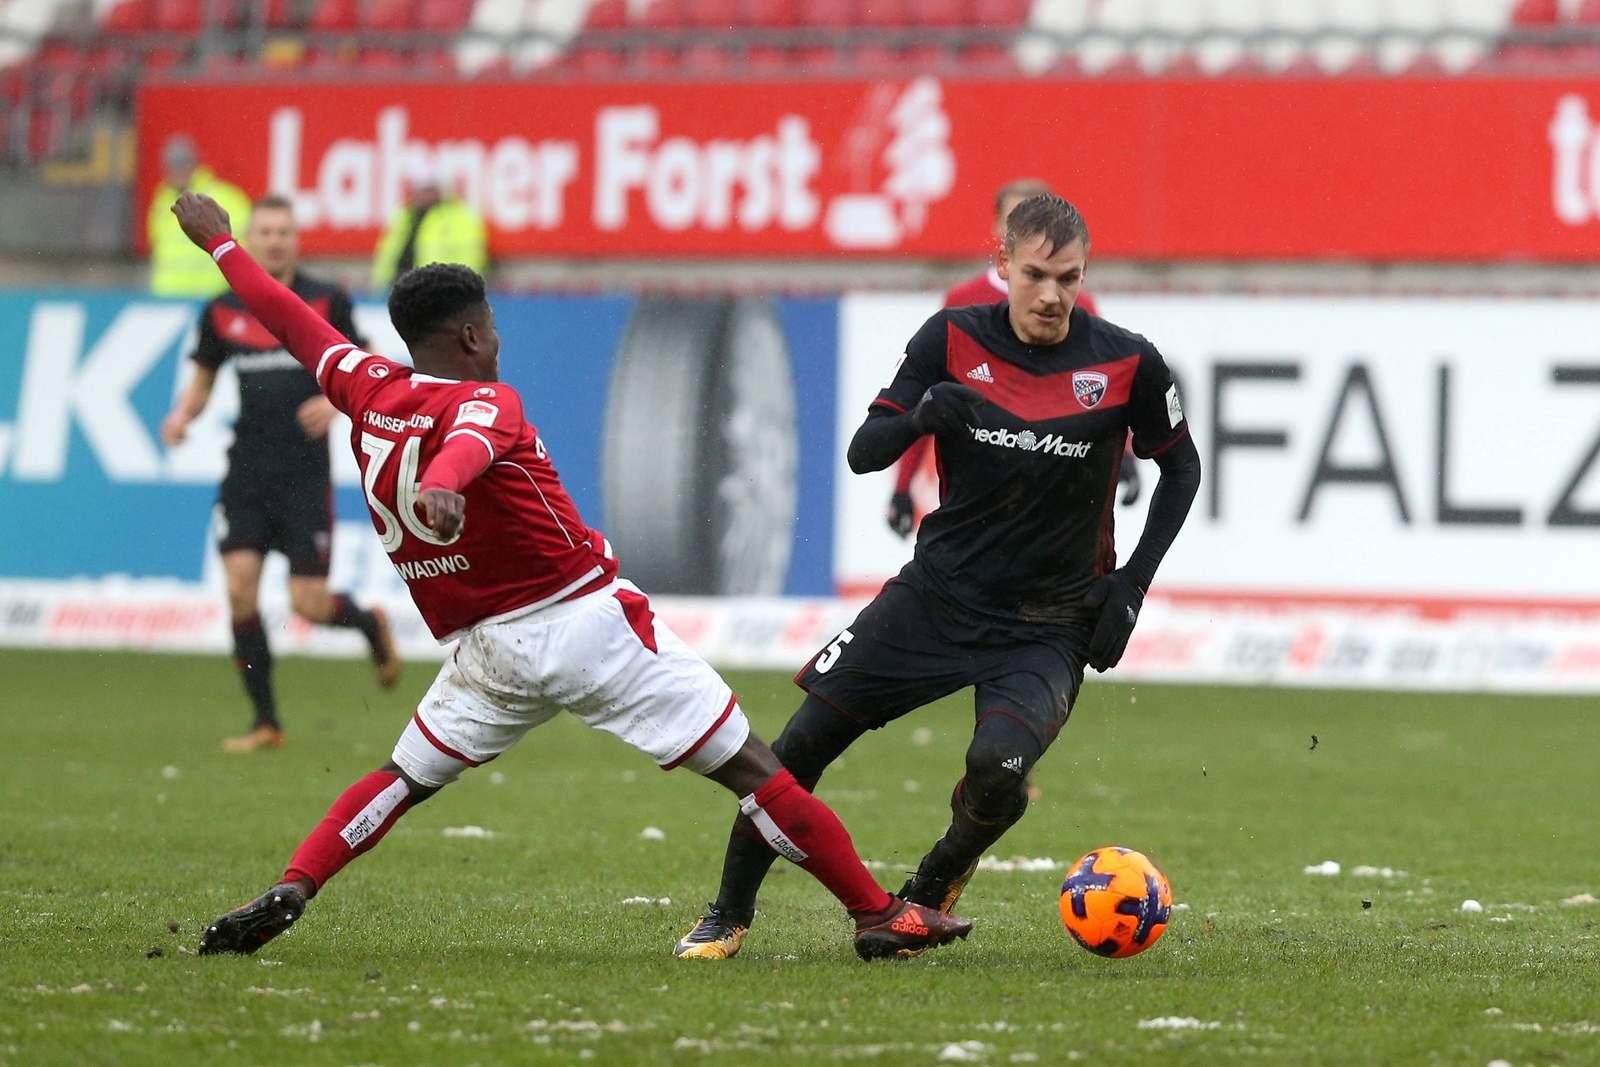 Max Christiansen behauptet den Ball gegen Manfred Osei Kwadwo. Jetzt auf Ingolstadt gegen Kaiserslautern wetten.